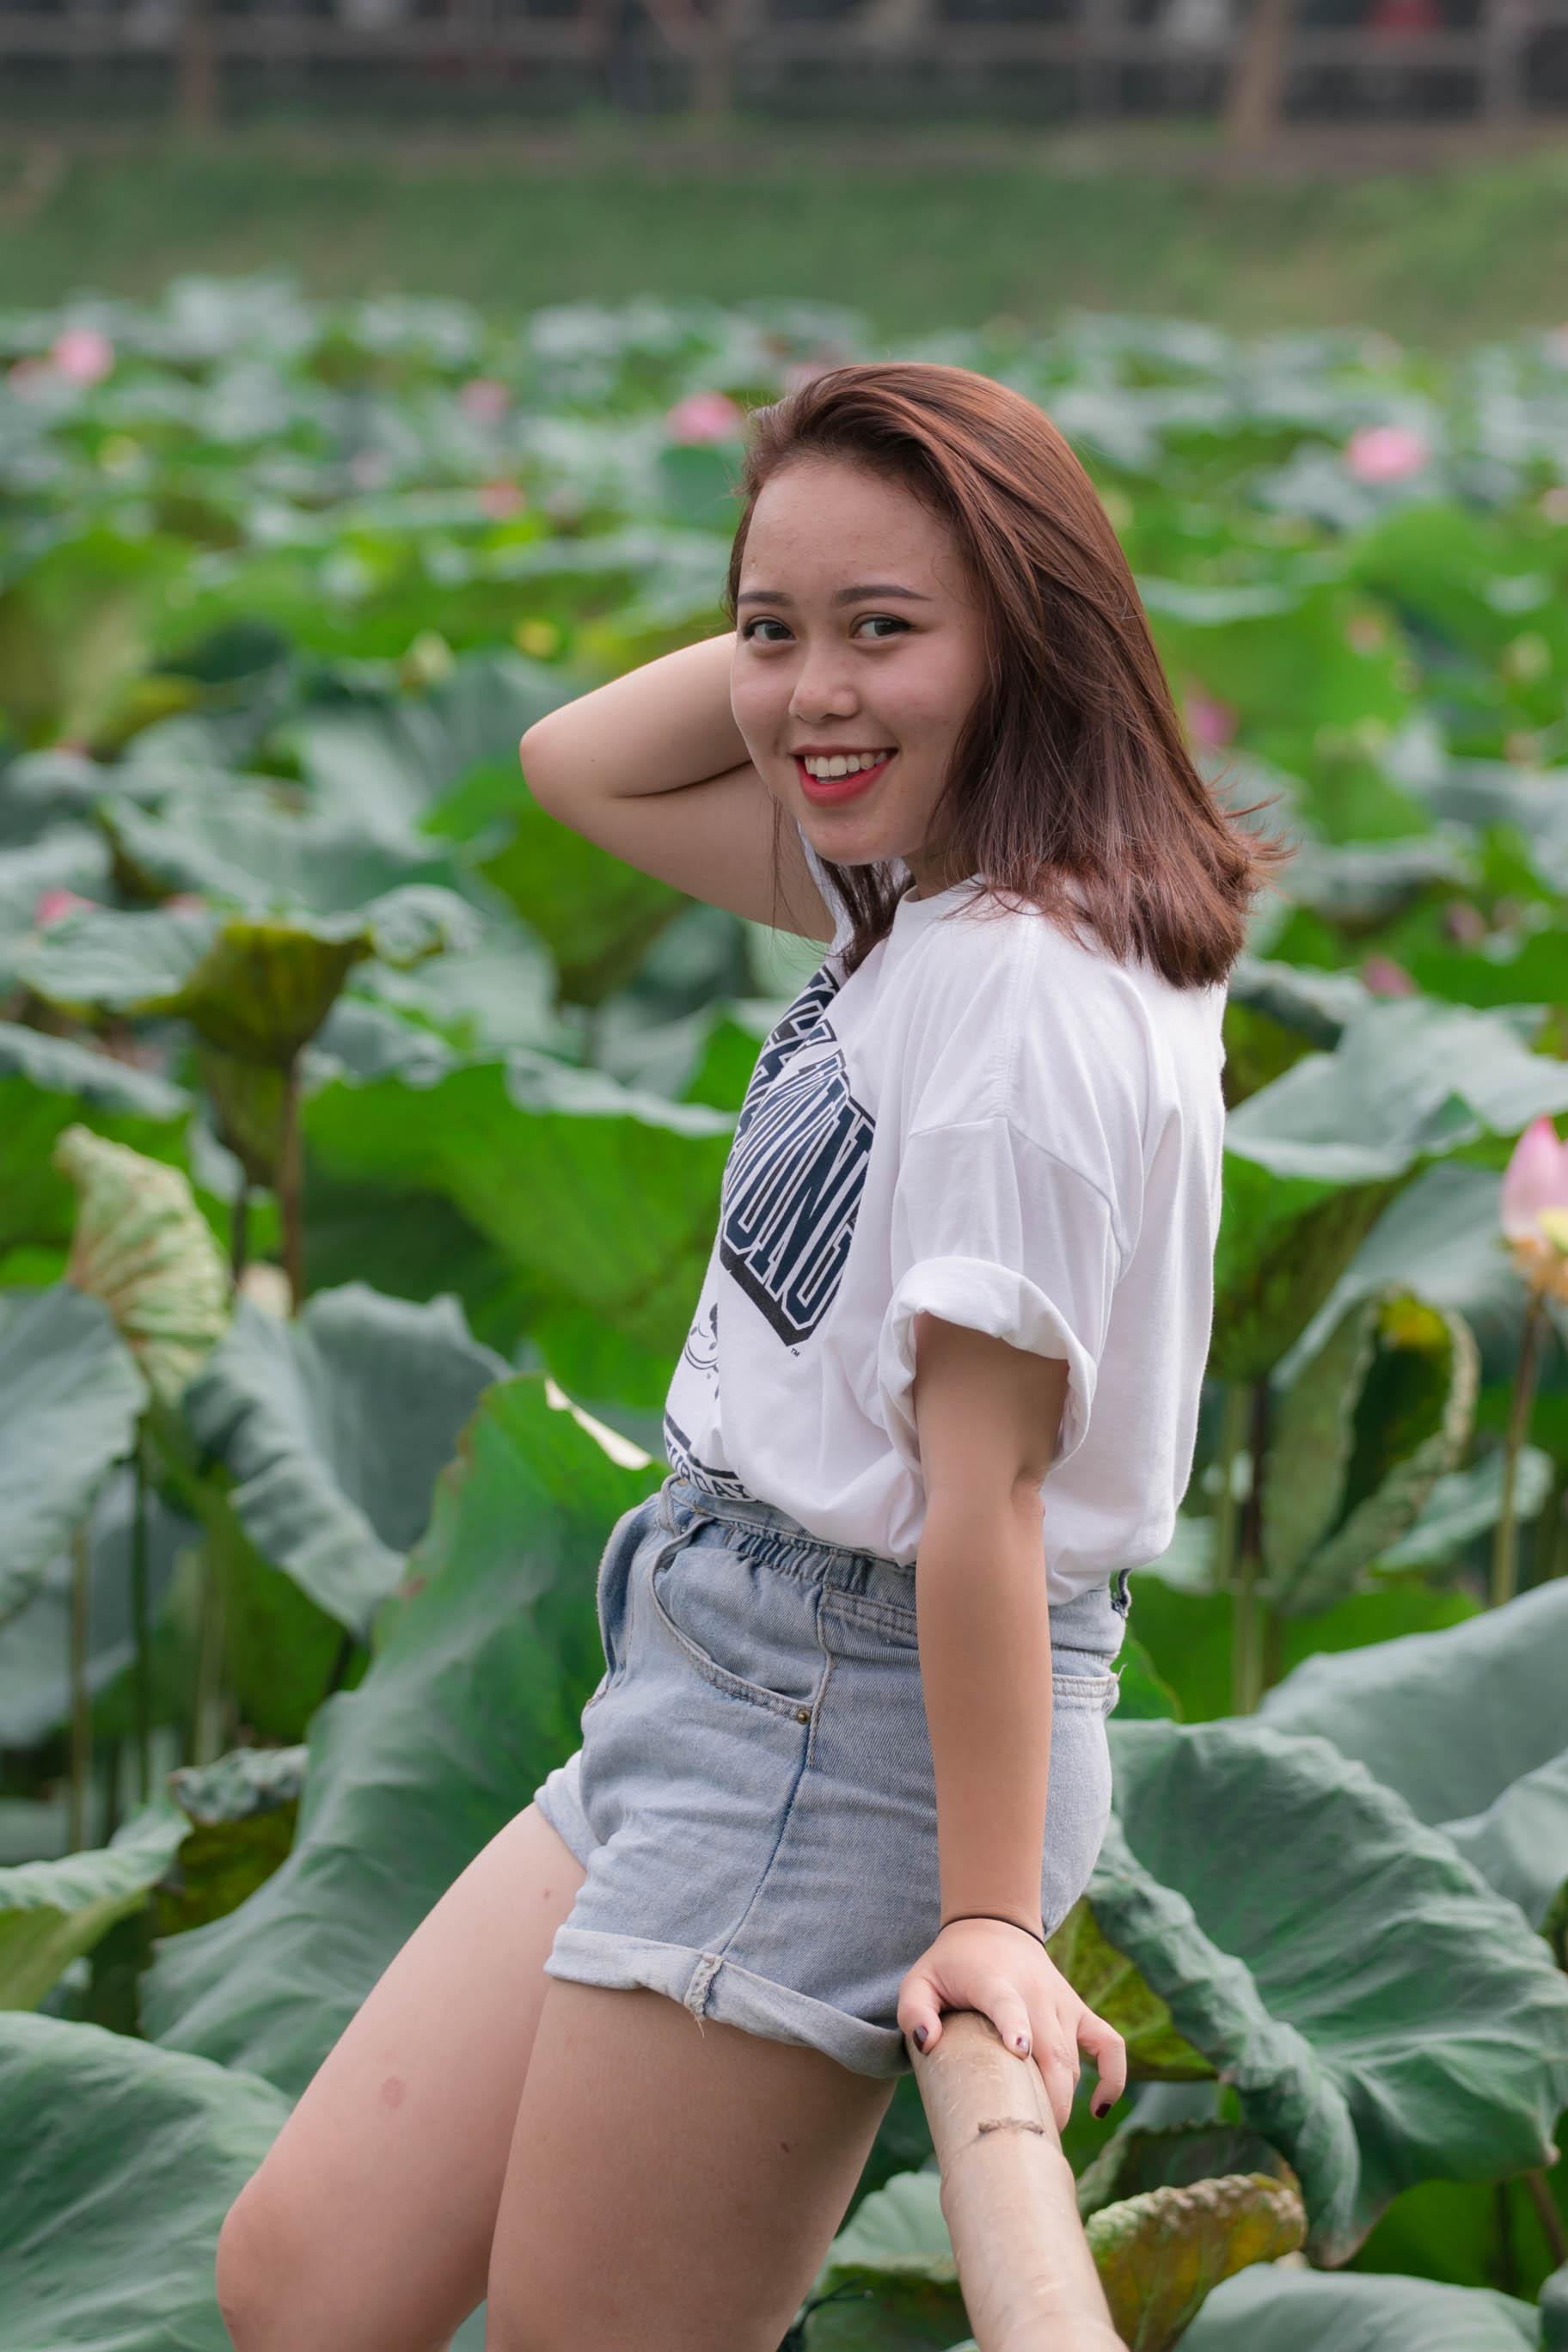 Đỗ Hải Băng sinh năm 2000. Cô sinh ra và lên lớn ở Thái Nguyên. Hiện đang là sinh viên năm nhất của ĐH FPT ngành Quản trị kinh doanh.